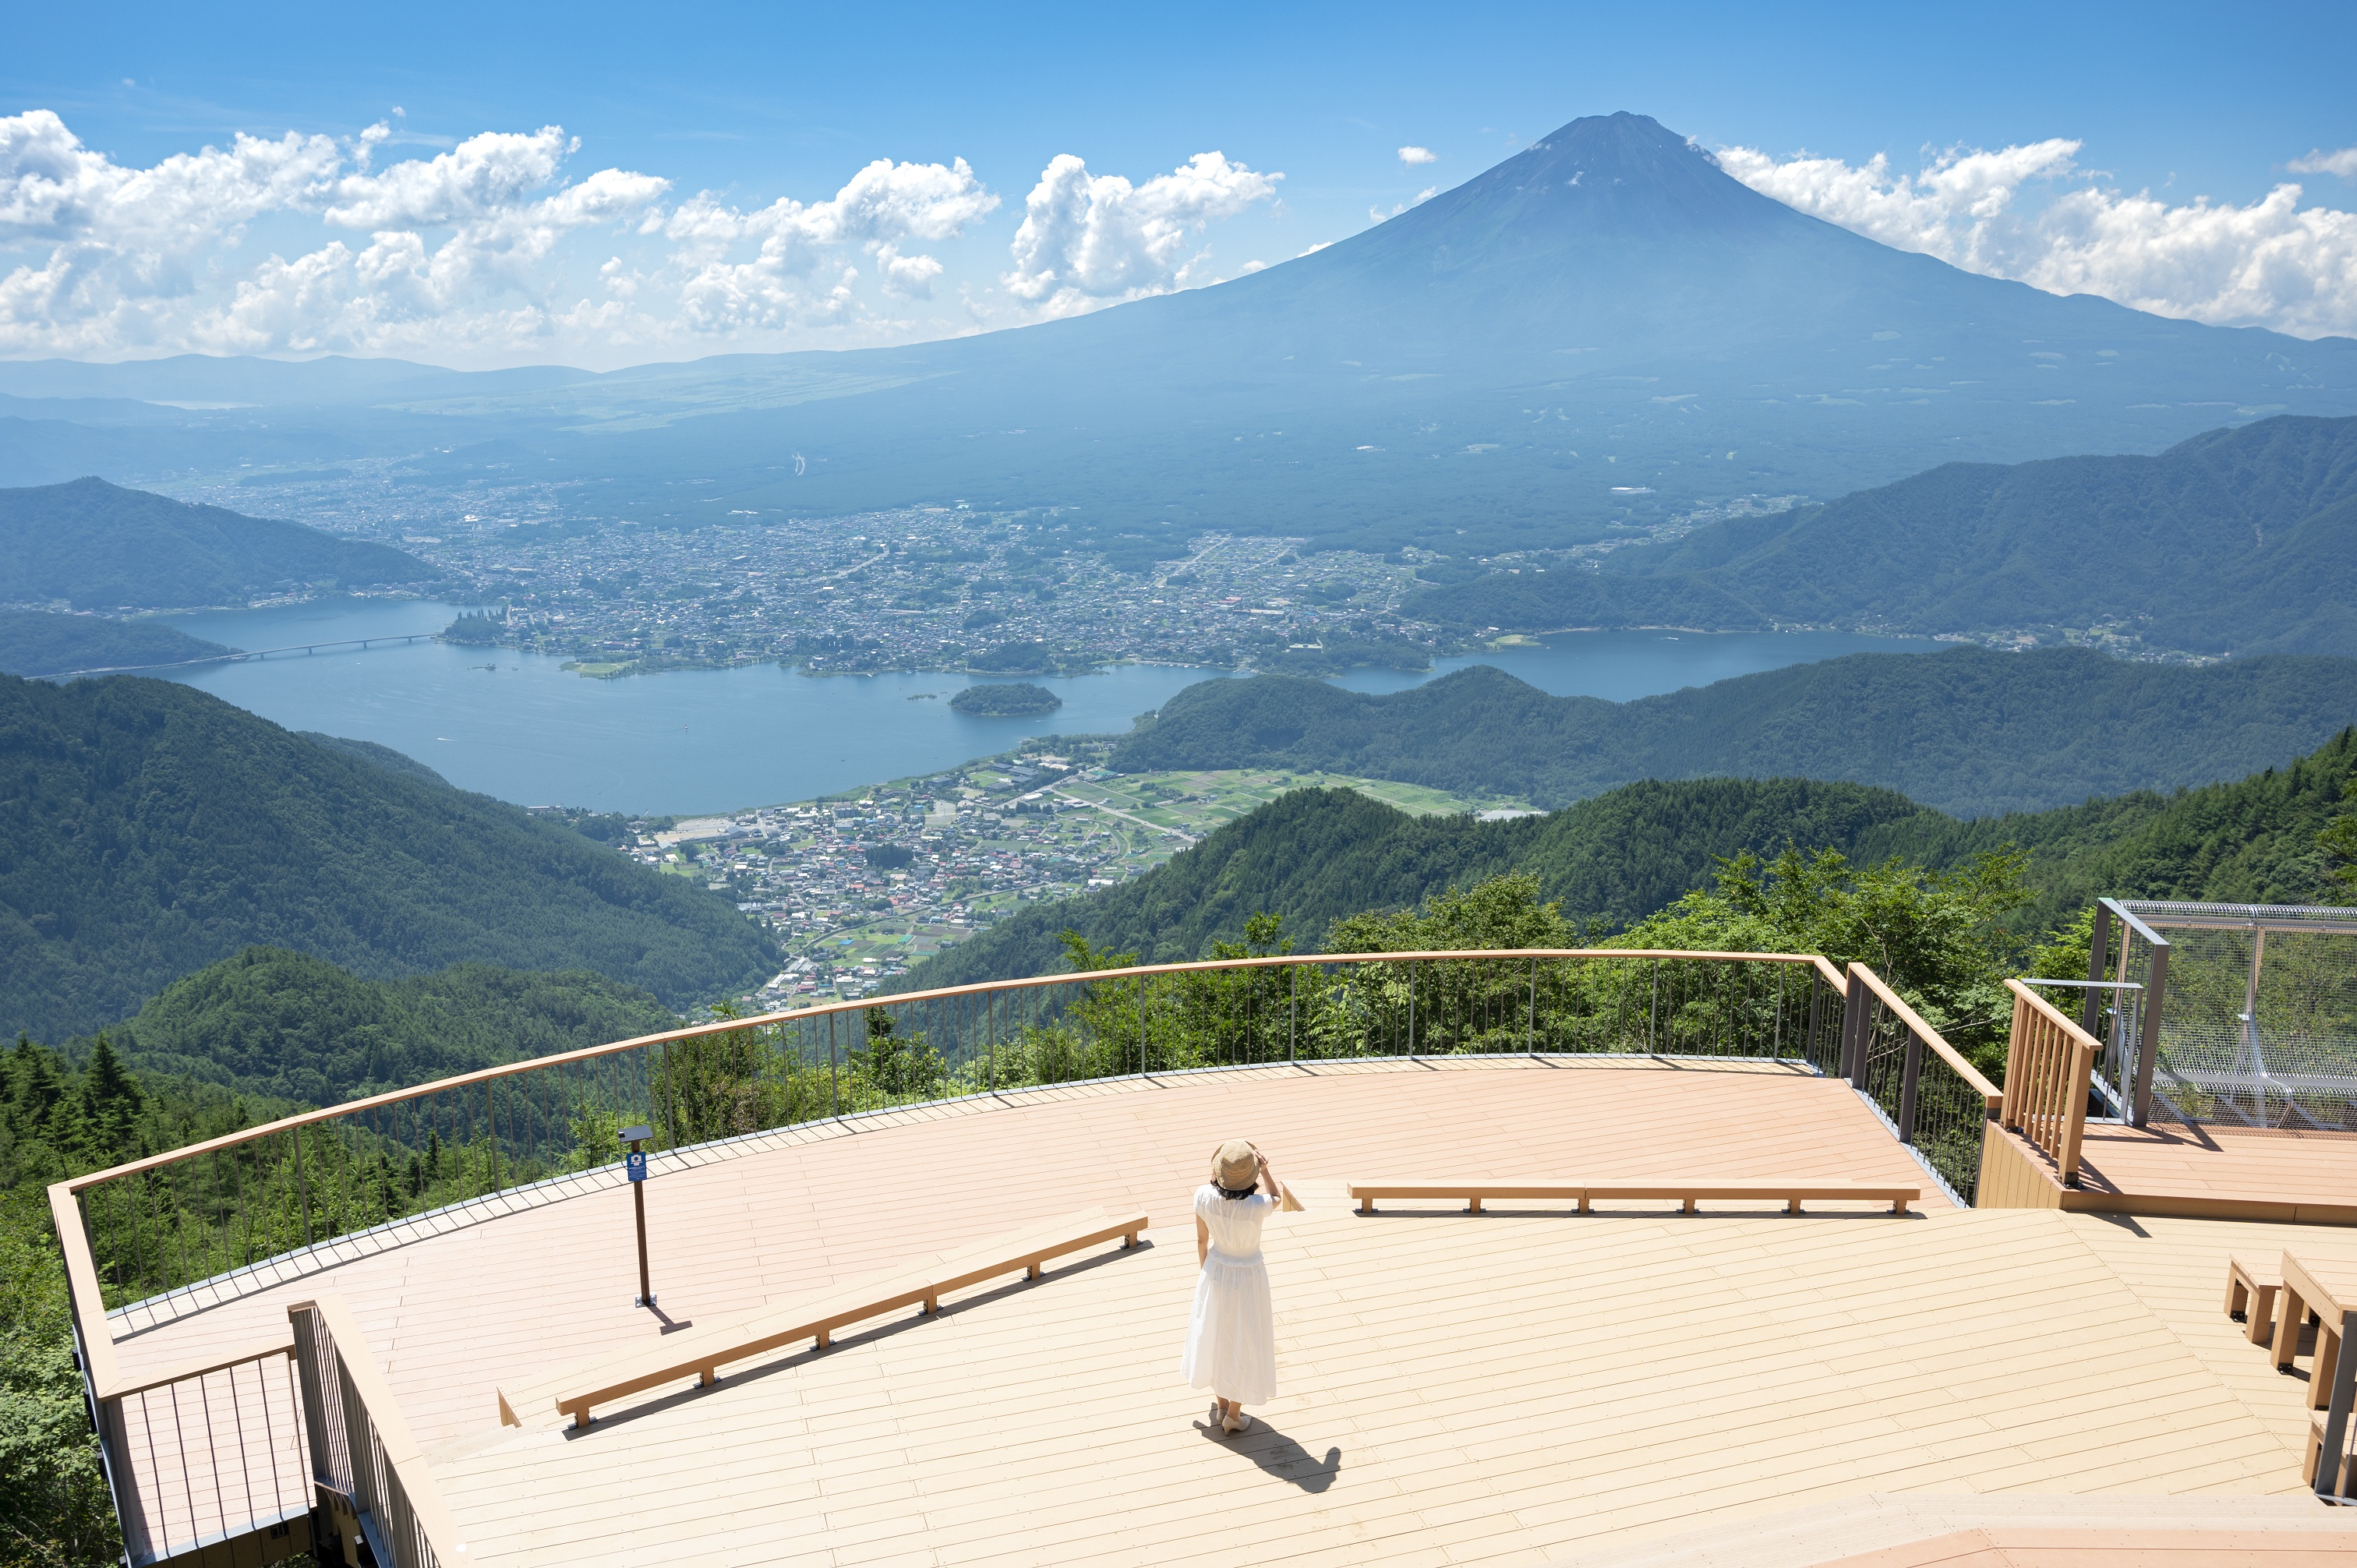 ~新道峠からの富士山眺望スポット~FUJIYAMAツインテラス